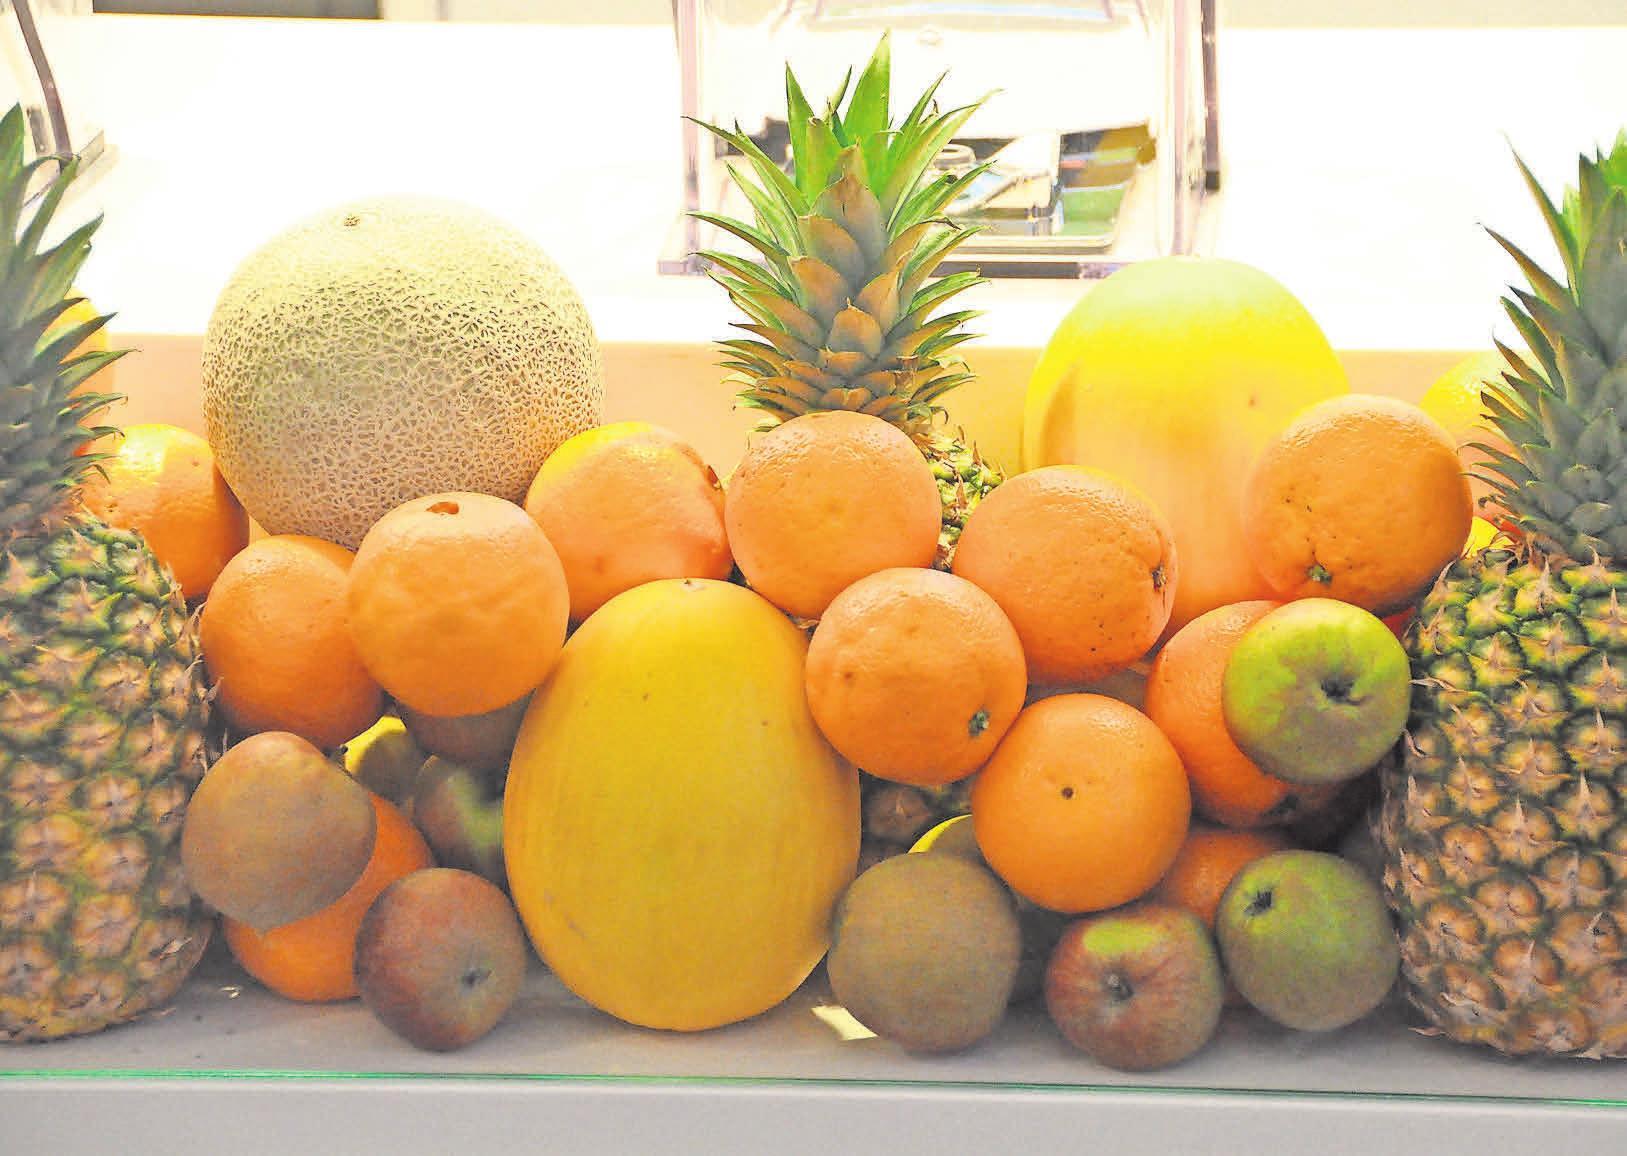 Eine gesunde und ausgewogene Ernährung ist noch immer die Basis um Mangelerscheinungen vorzubeugen. Vitalstoffe können unterstützend helfen.